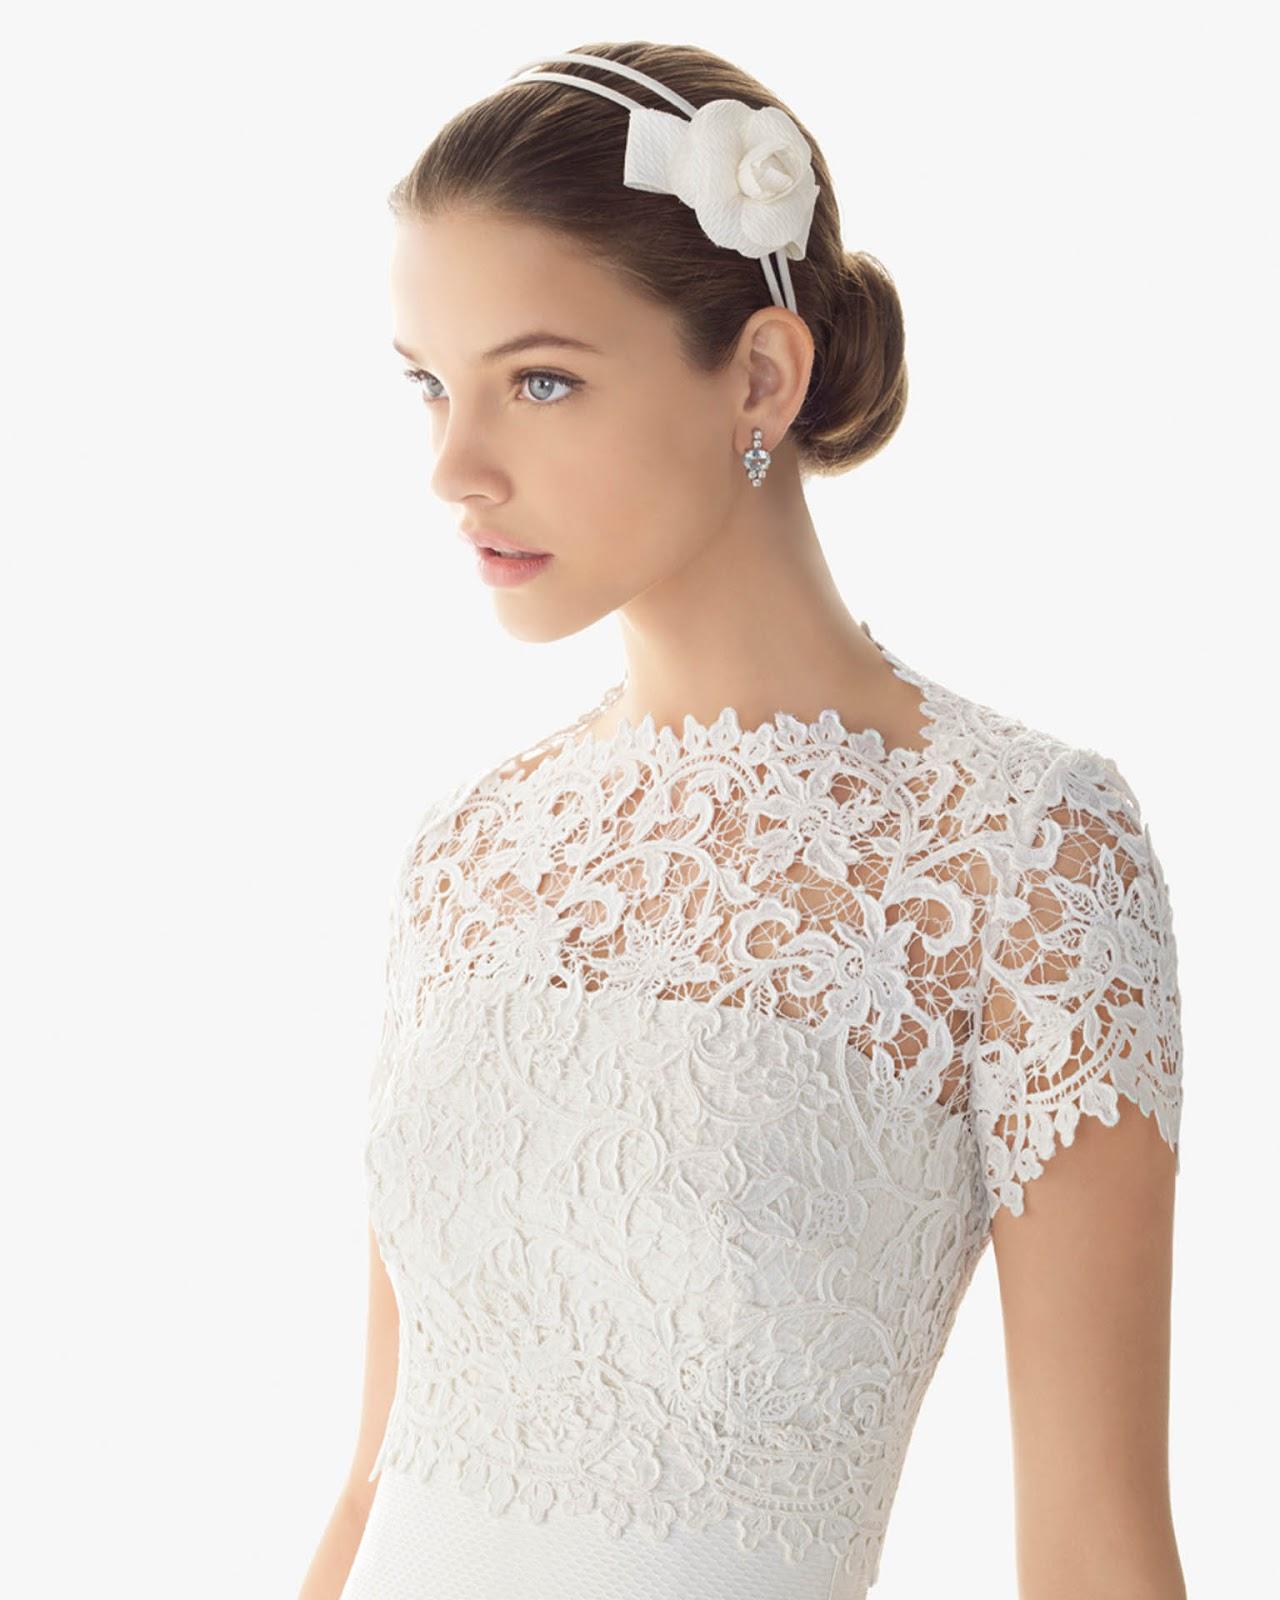 Hochzeit Party Kleider,Brautjungfernkleider,Brautmutterkleider ...